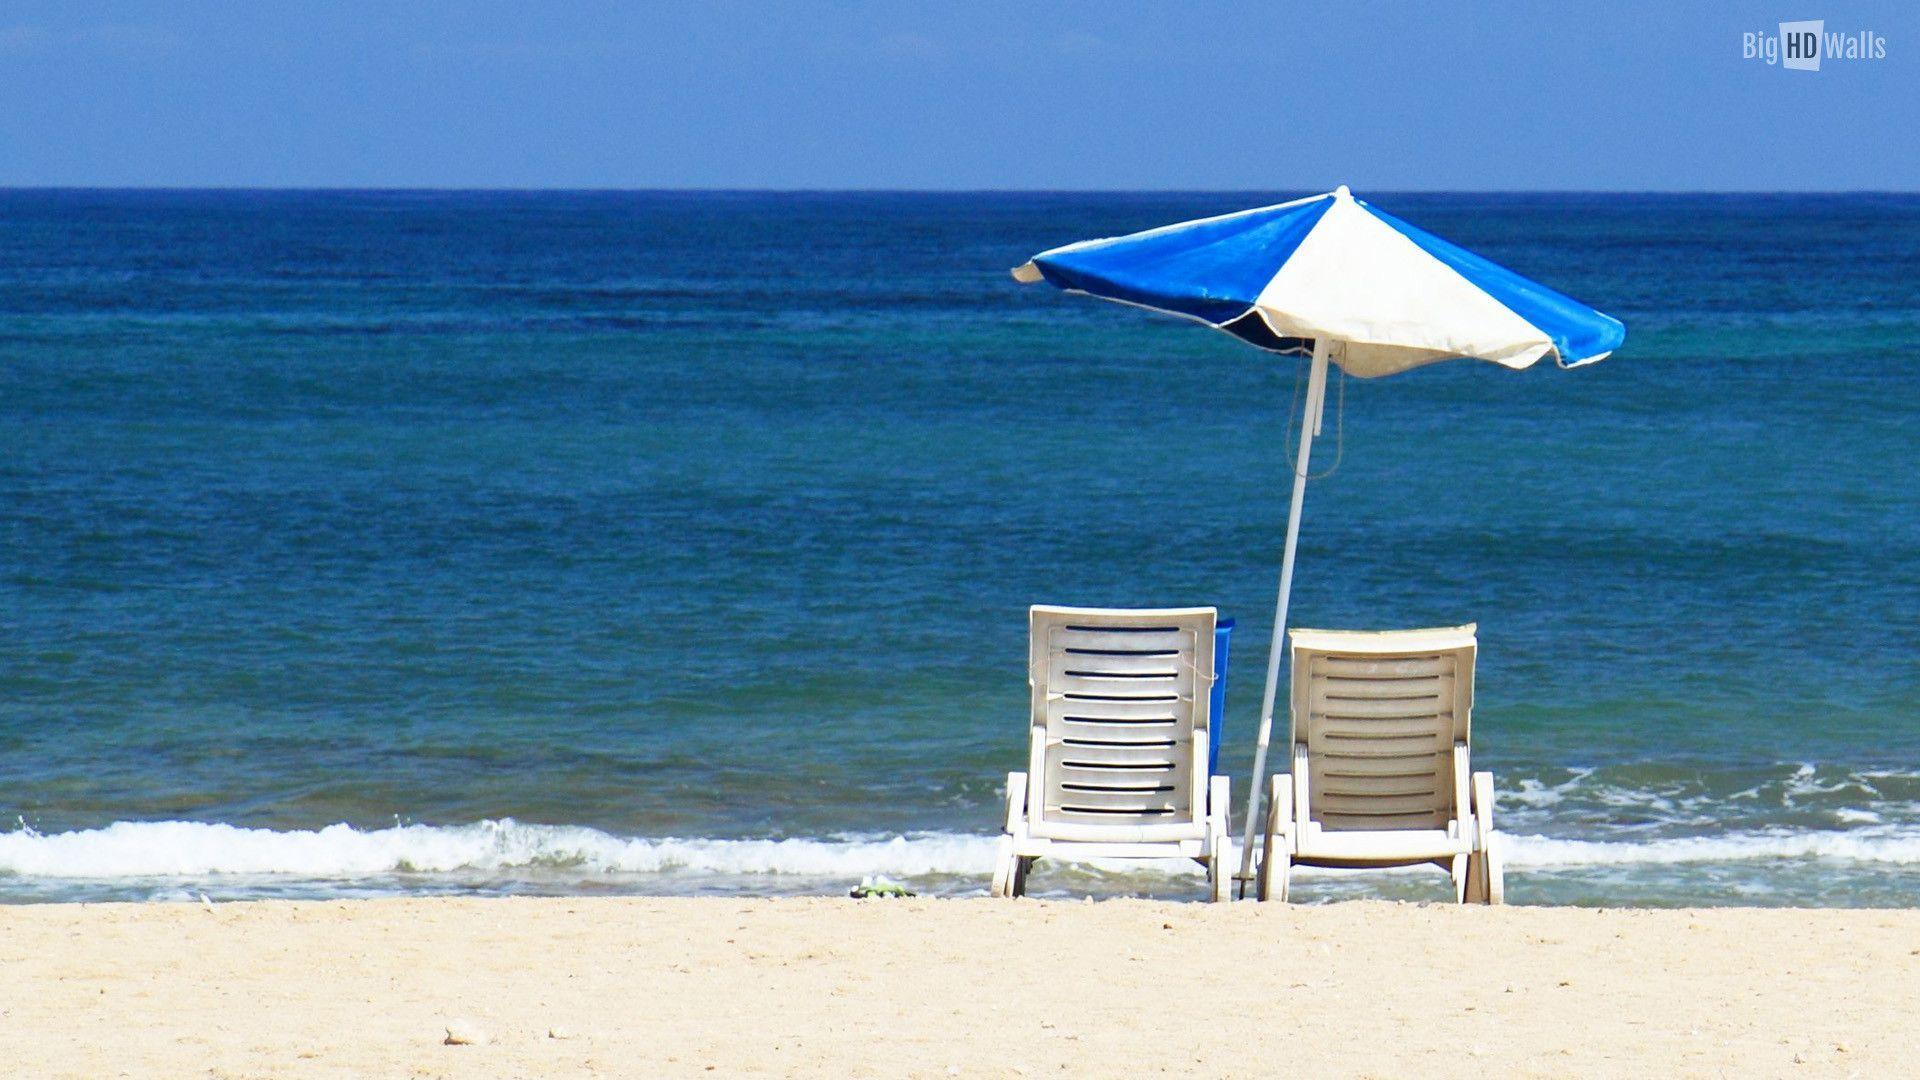 beach for wallpaper 3x6summer - photo #6